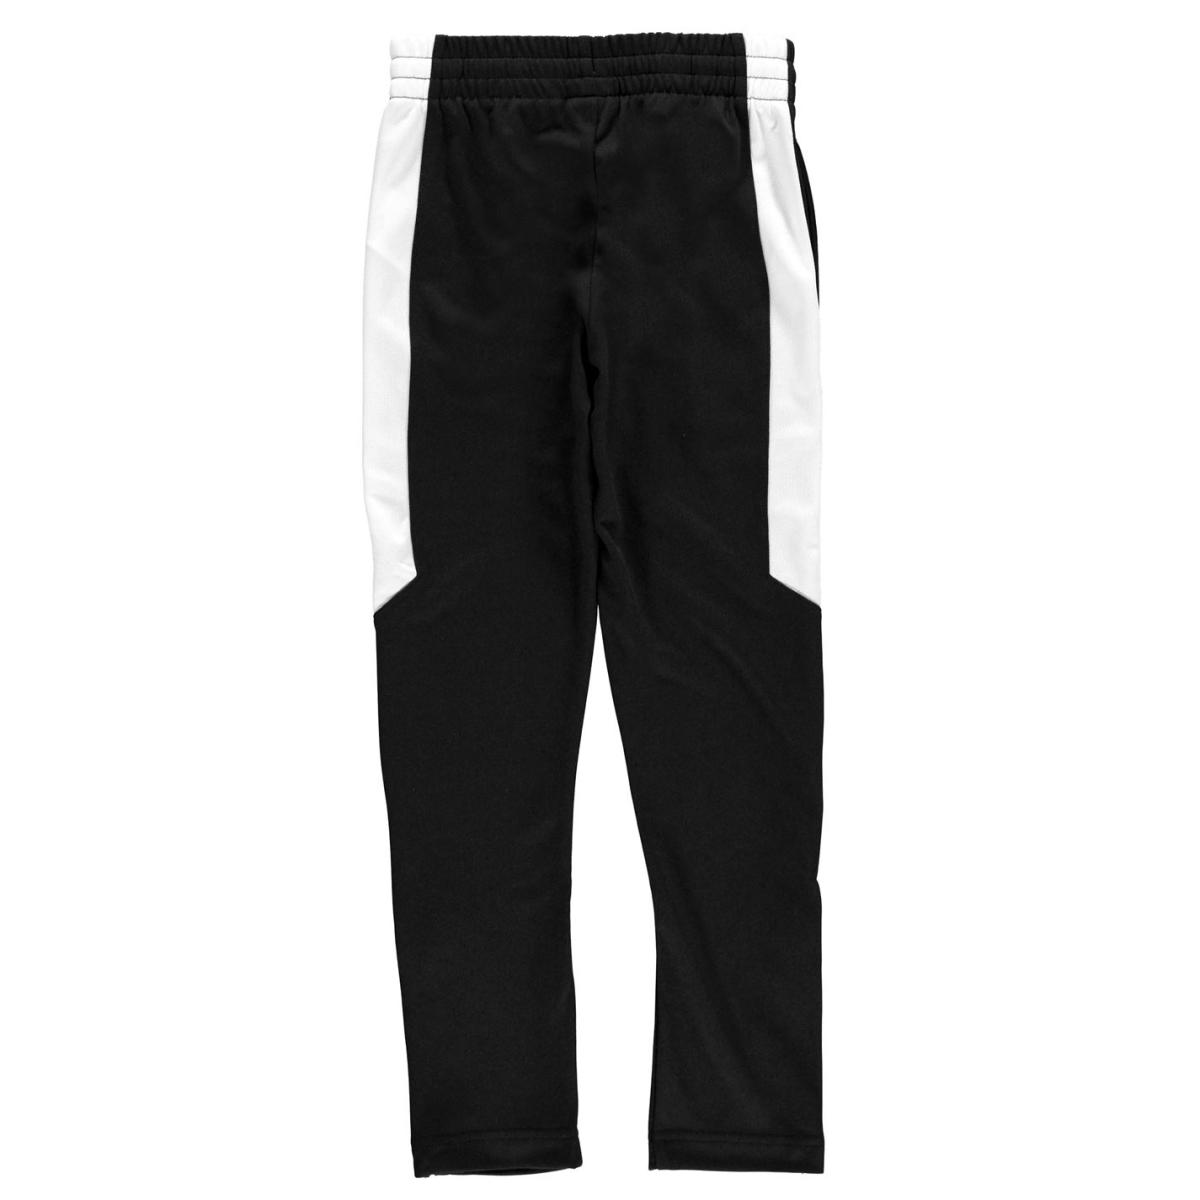 Détails sur Nike Jogging Pantalon De Training Short Enfants Garçons Track Pantalon 6004 afficher le titre d'origine